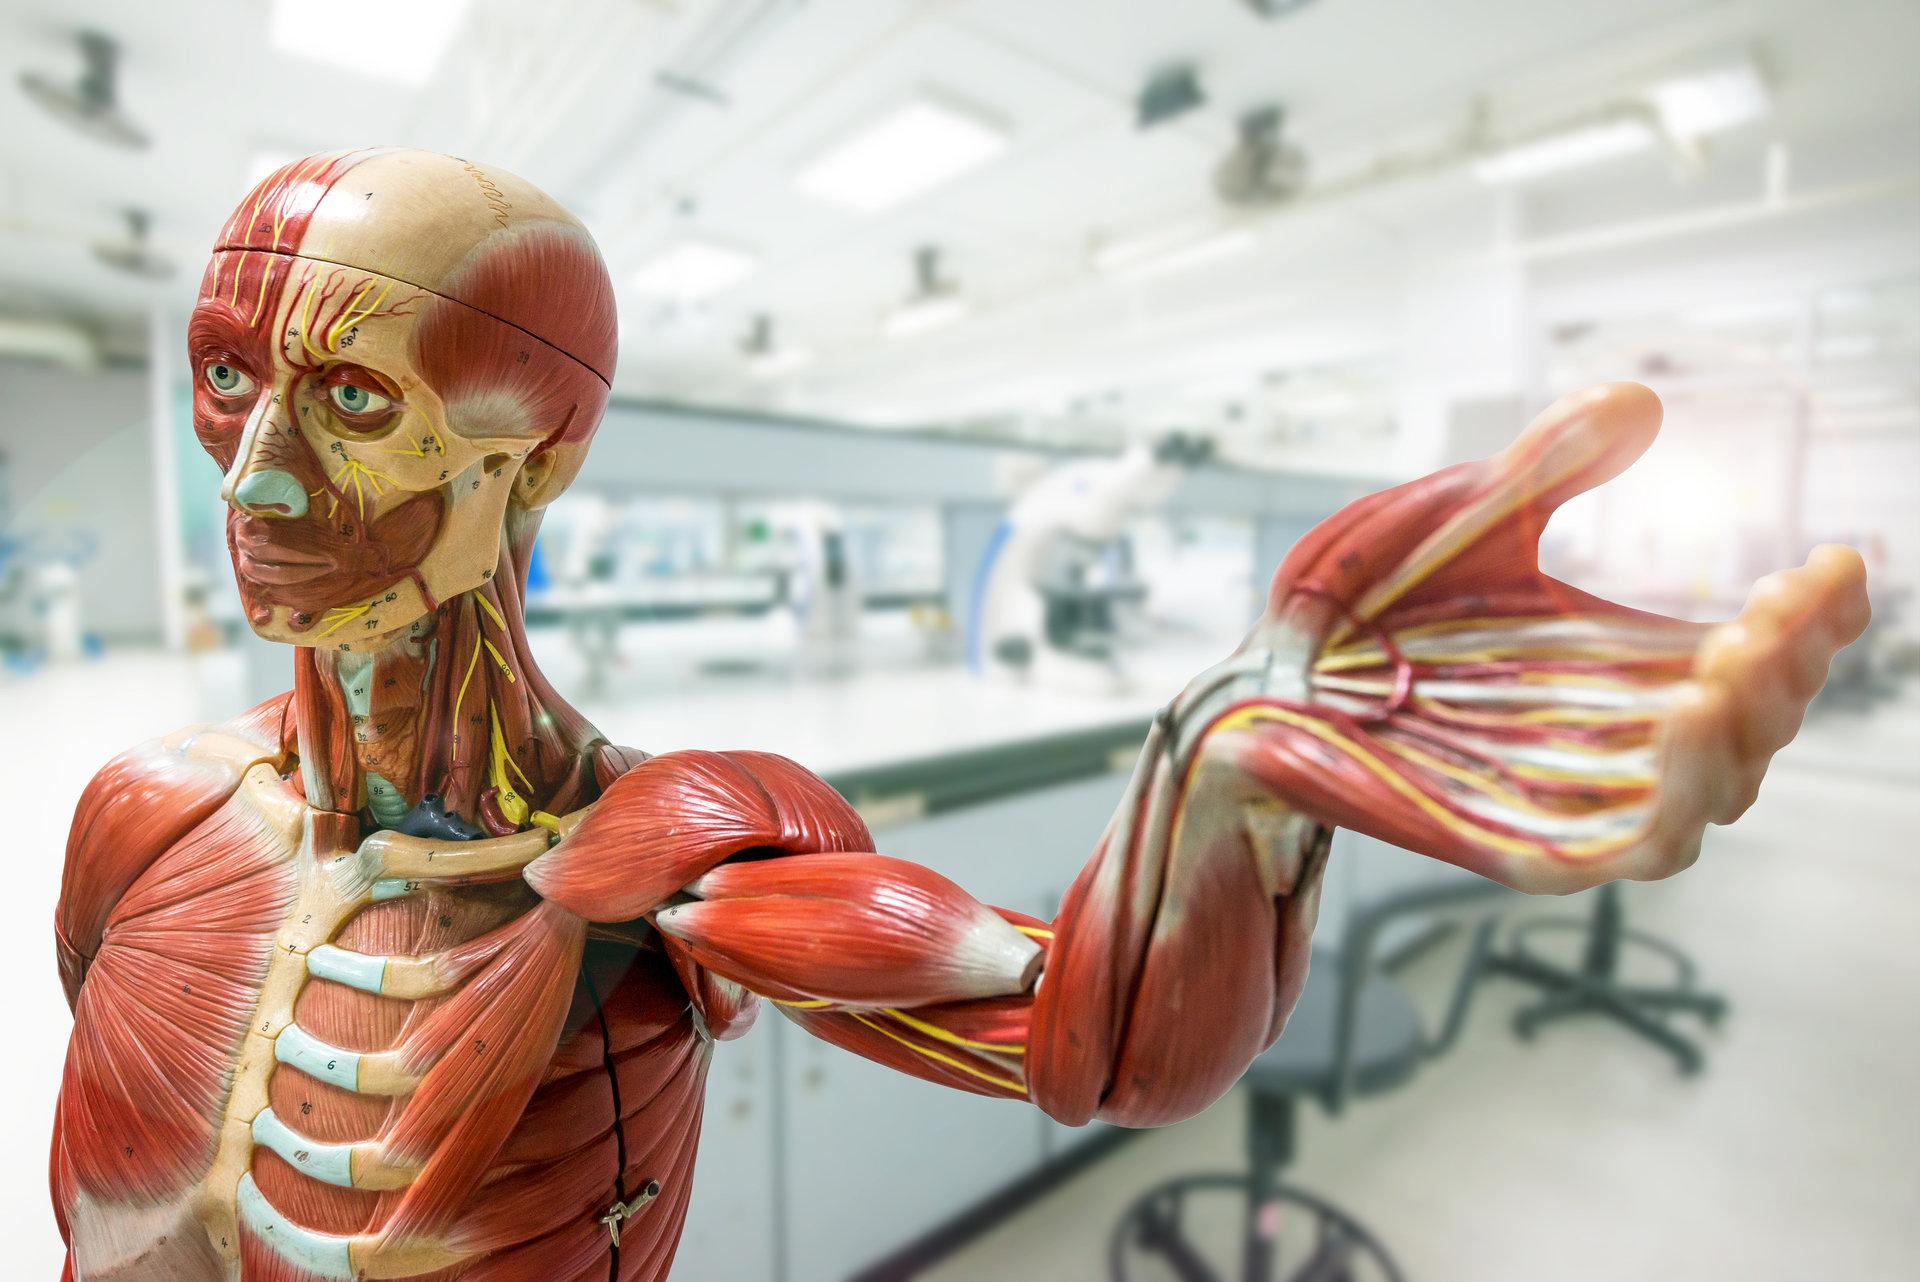 Kurs anatomii dla licealistów